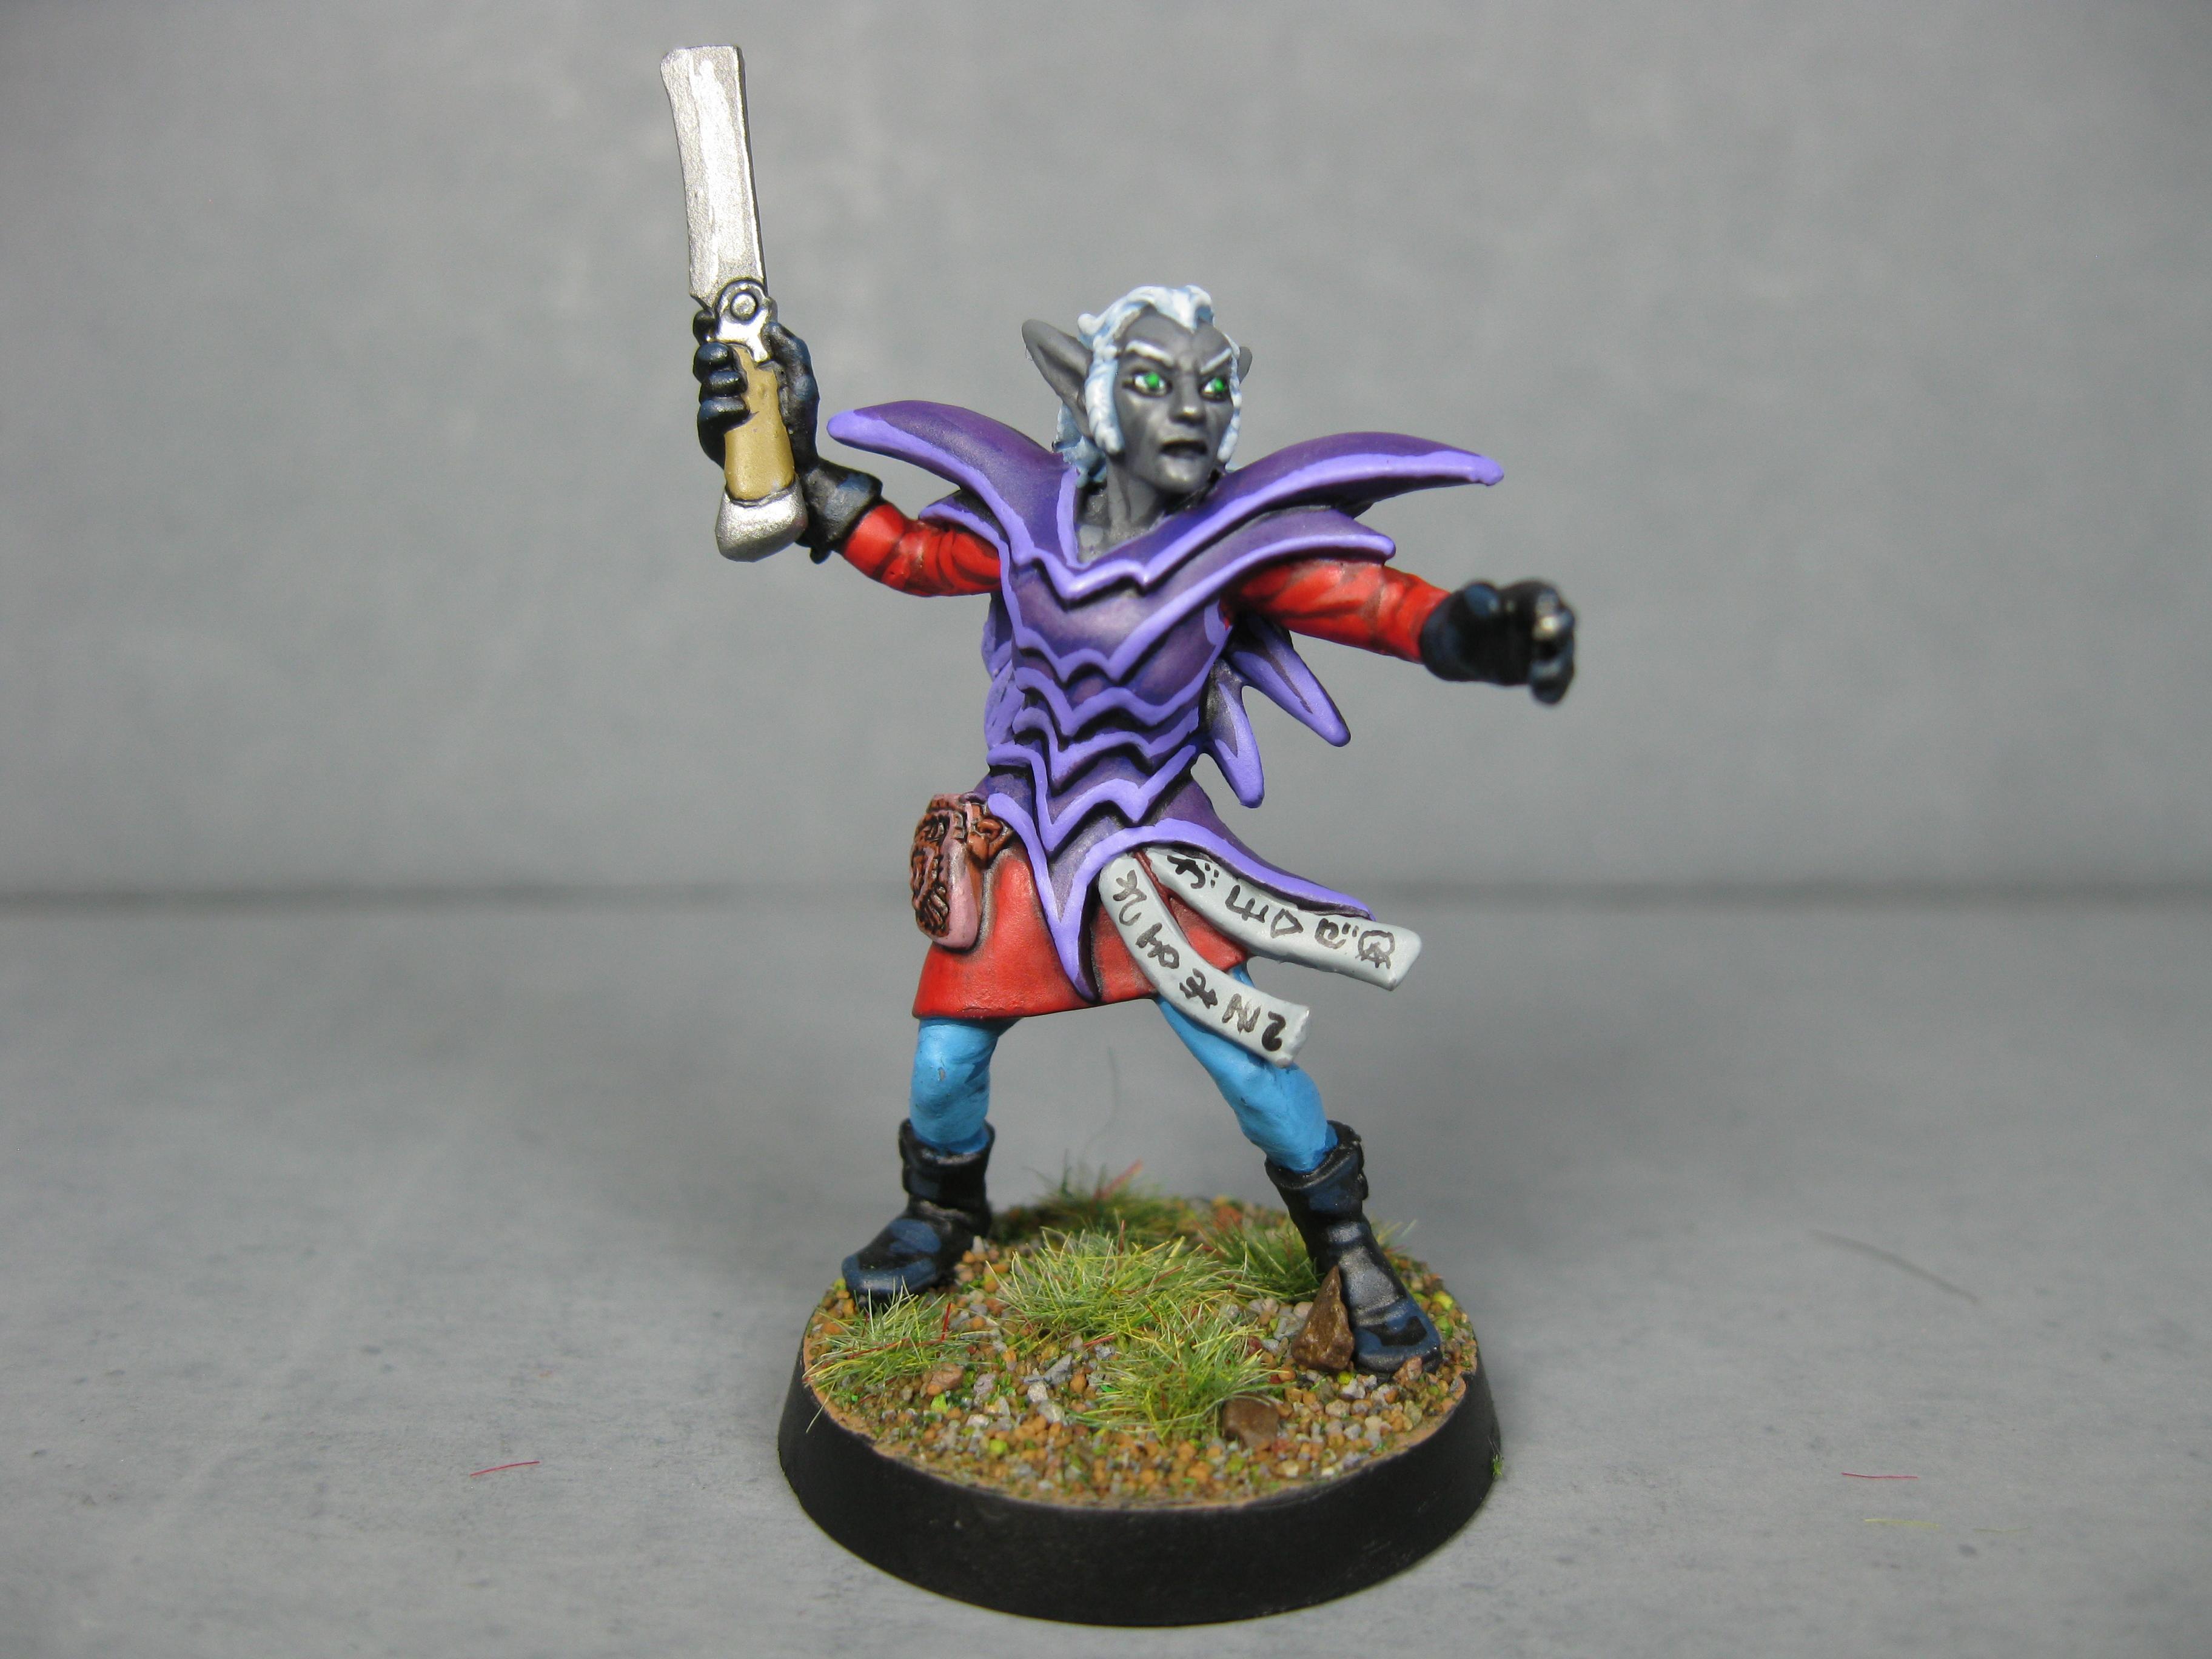 Commission, Dark Elves, Drow, Painted, Pathfinders, Pro Painted, Reaper, Reaper Miniatures, Reaper Minis, Rpg, Warhammer Fantasy